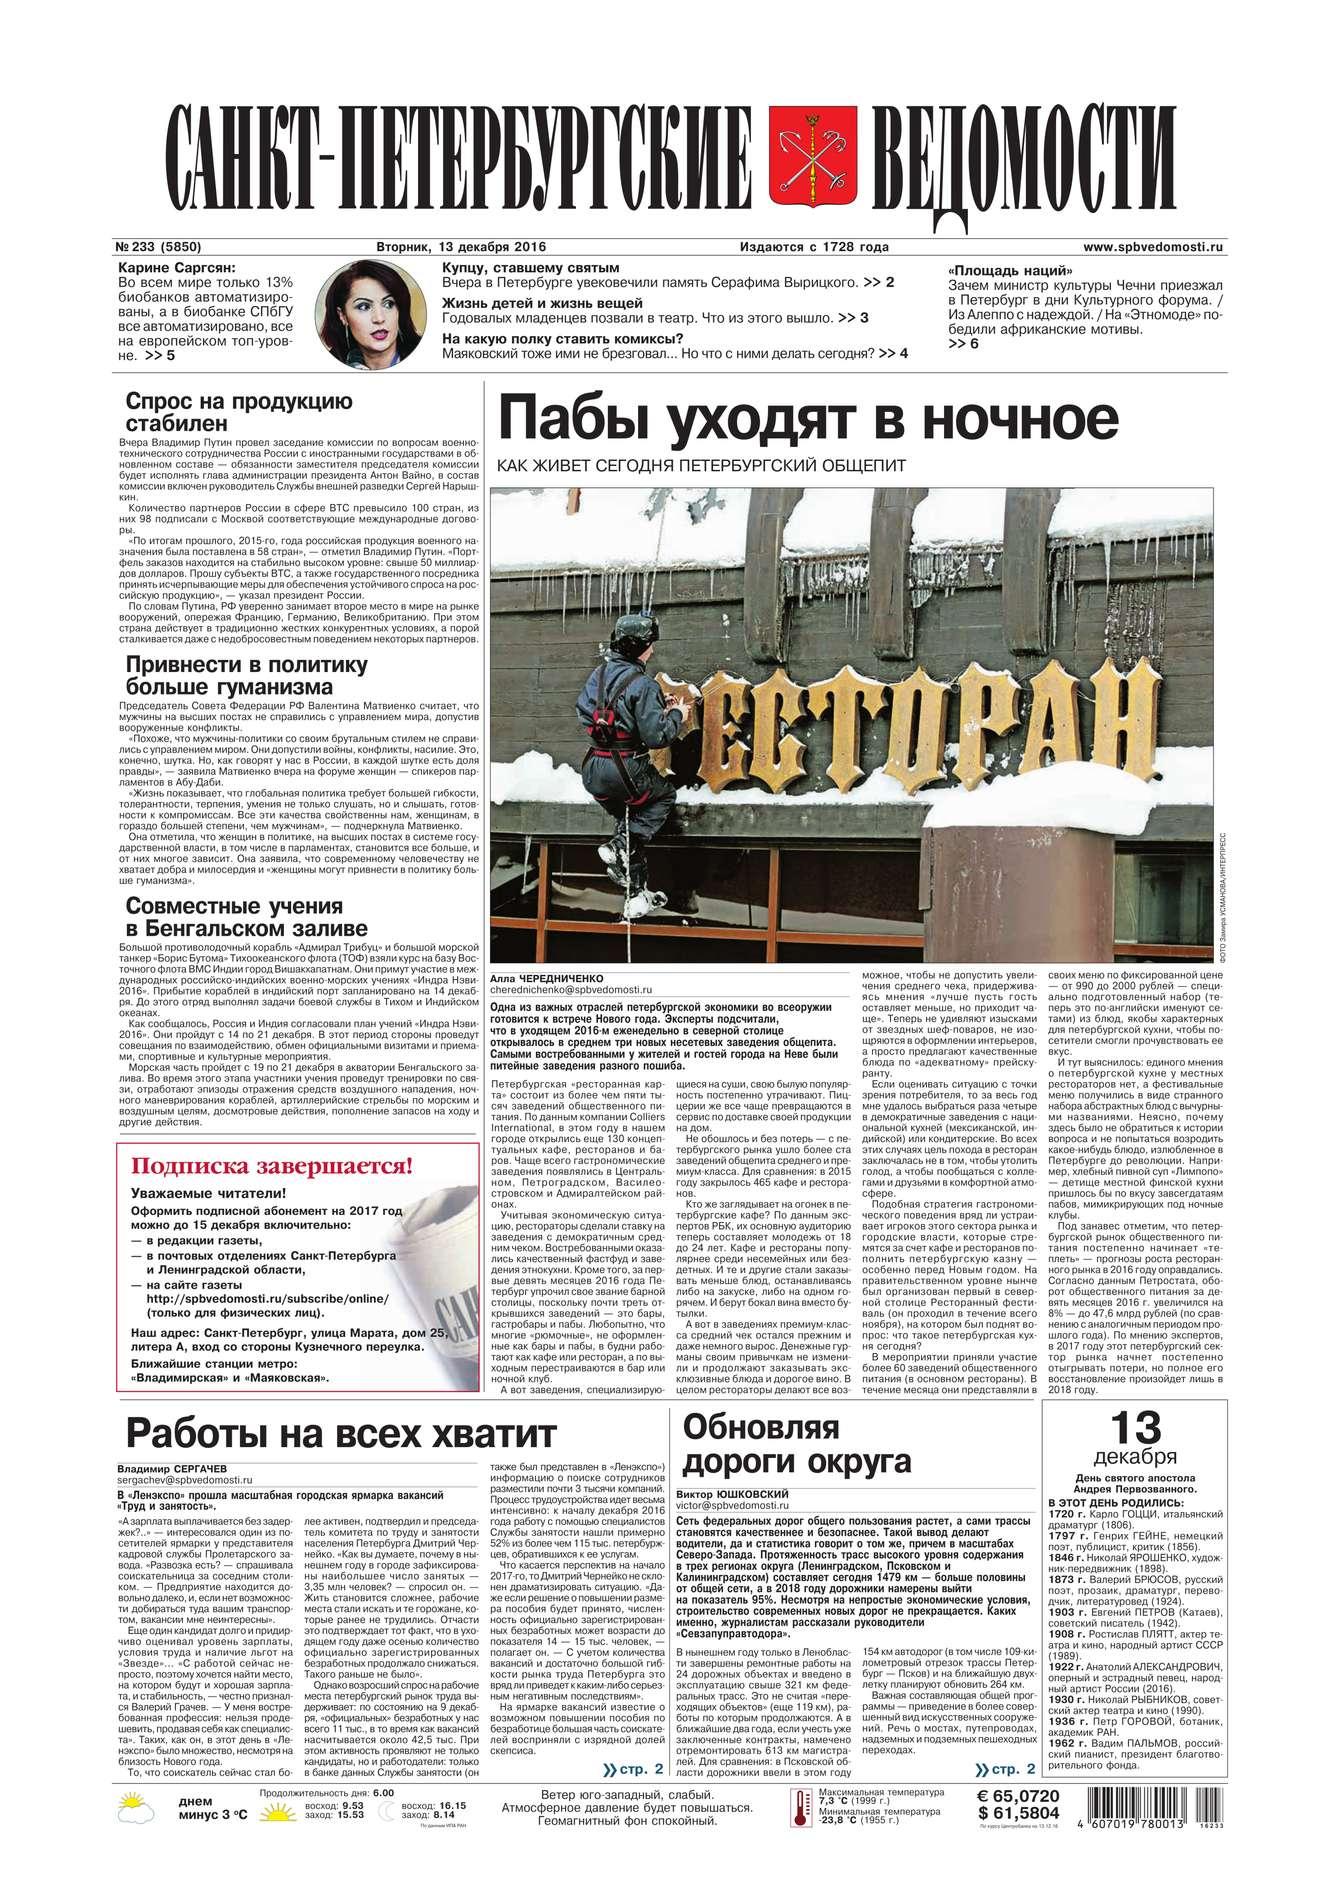 Редакция газеты Санкт-Петербургские ведомости Санкт-Петербургские ведомости 233-2016